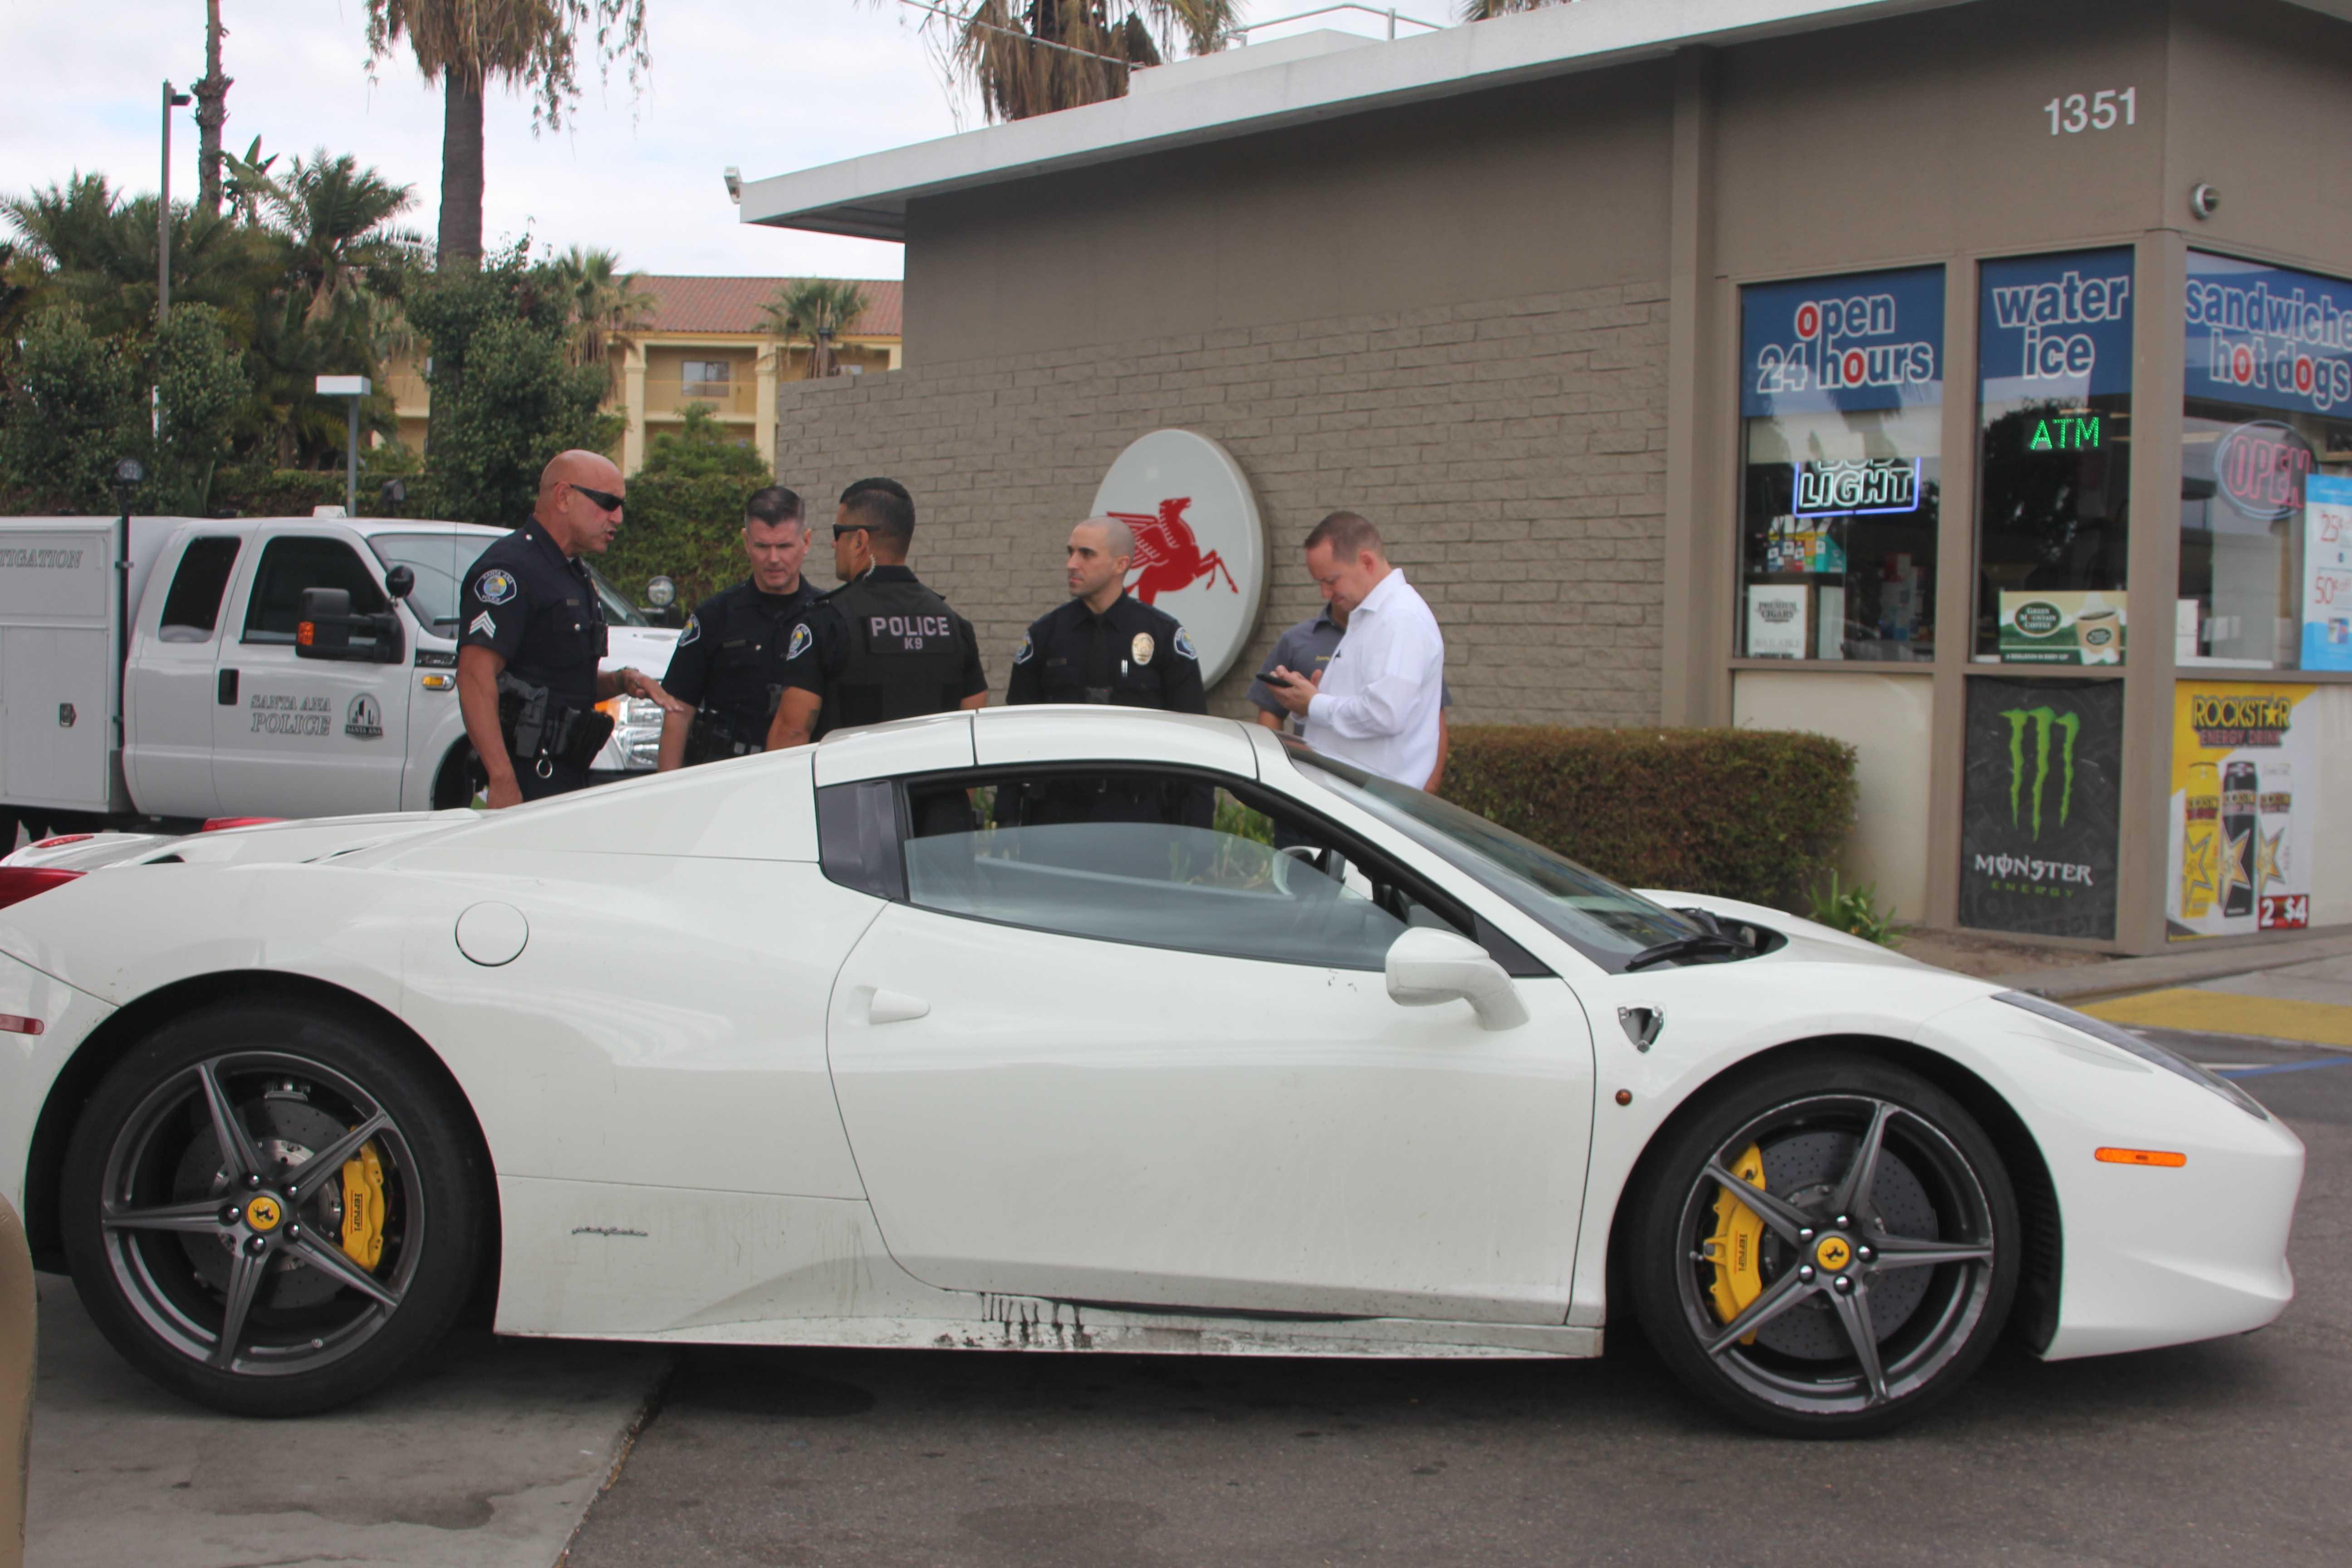 Ferrari Santa Ana Police Jpg 1511977625